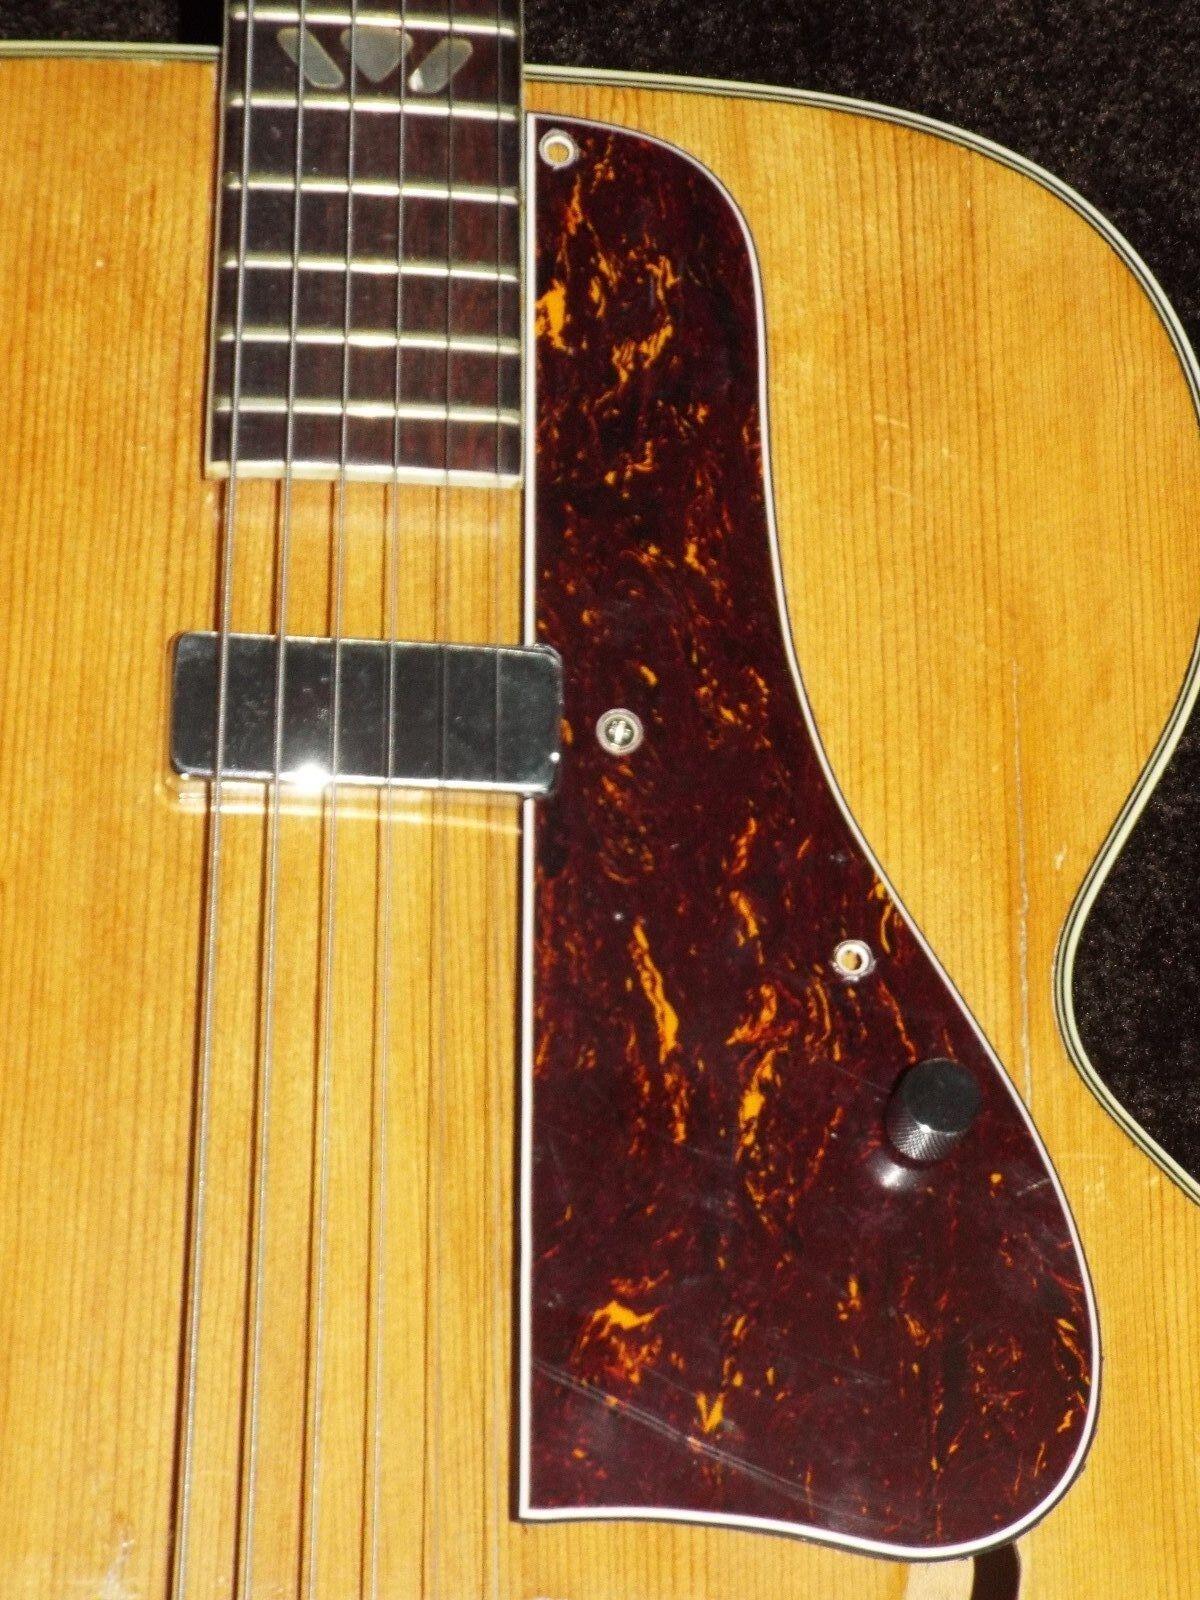 Copias de Gibson l4c   L7 archtop pickguard en cursiva, recolector, es decir, enchufe, nuevo